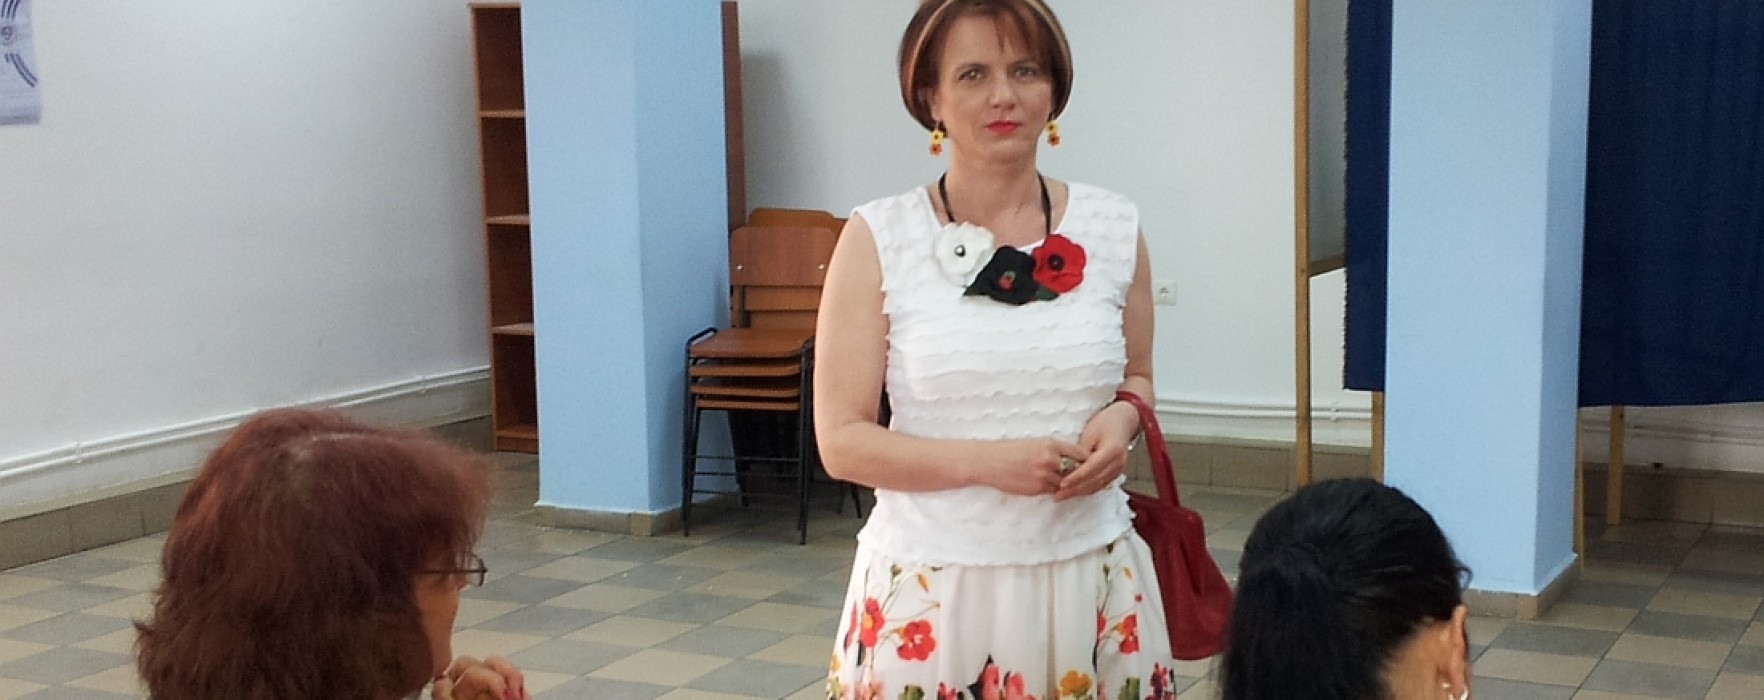 Claudia Gilia, candidat PSD la PE: Am votat pentru o Românie demnă în Parlamentul European